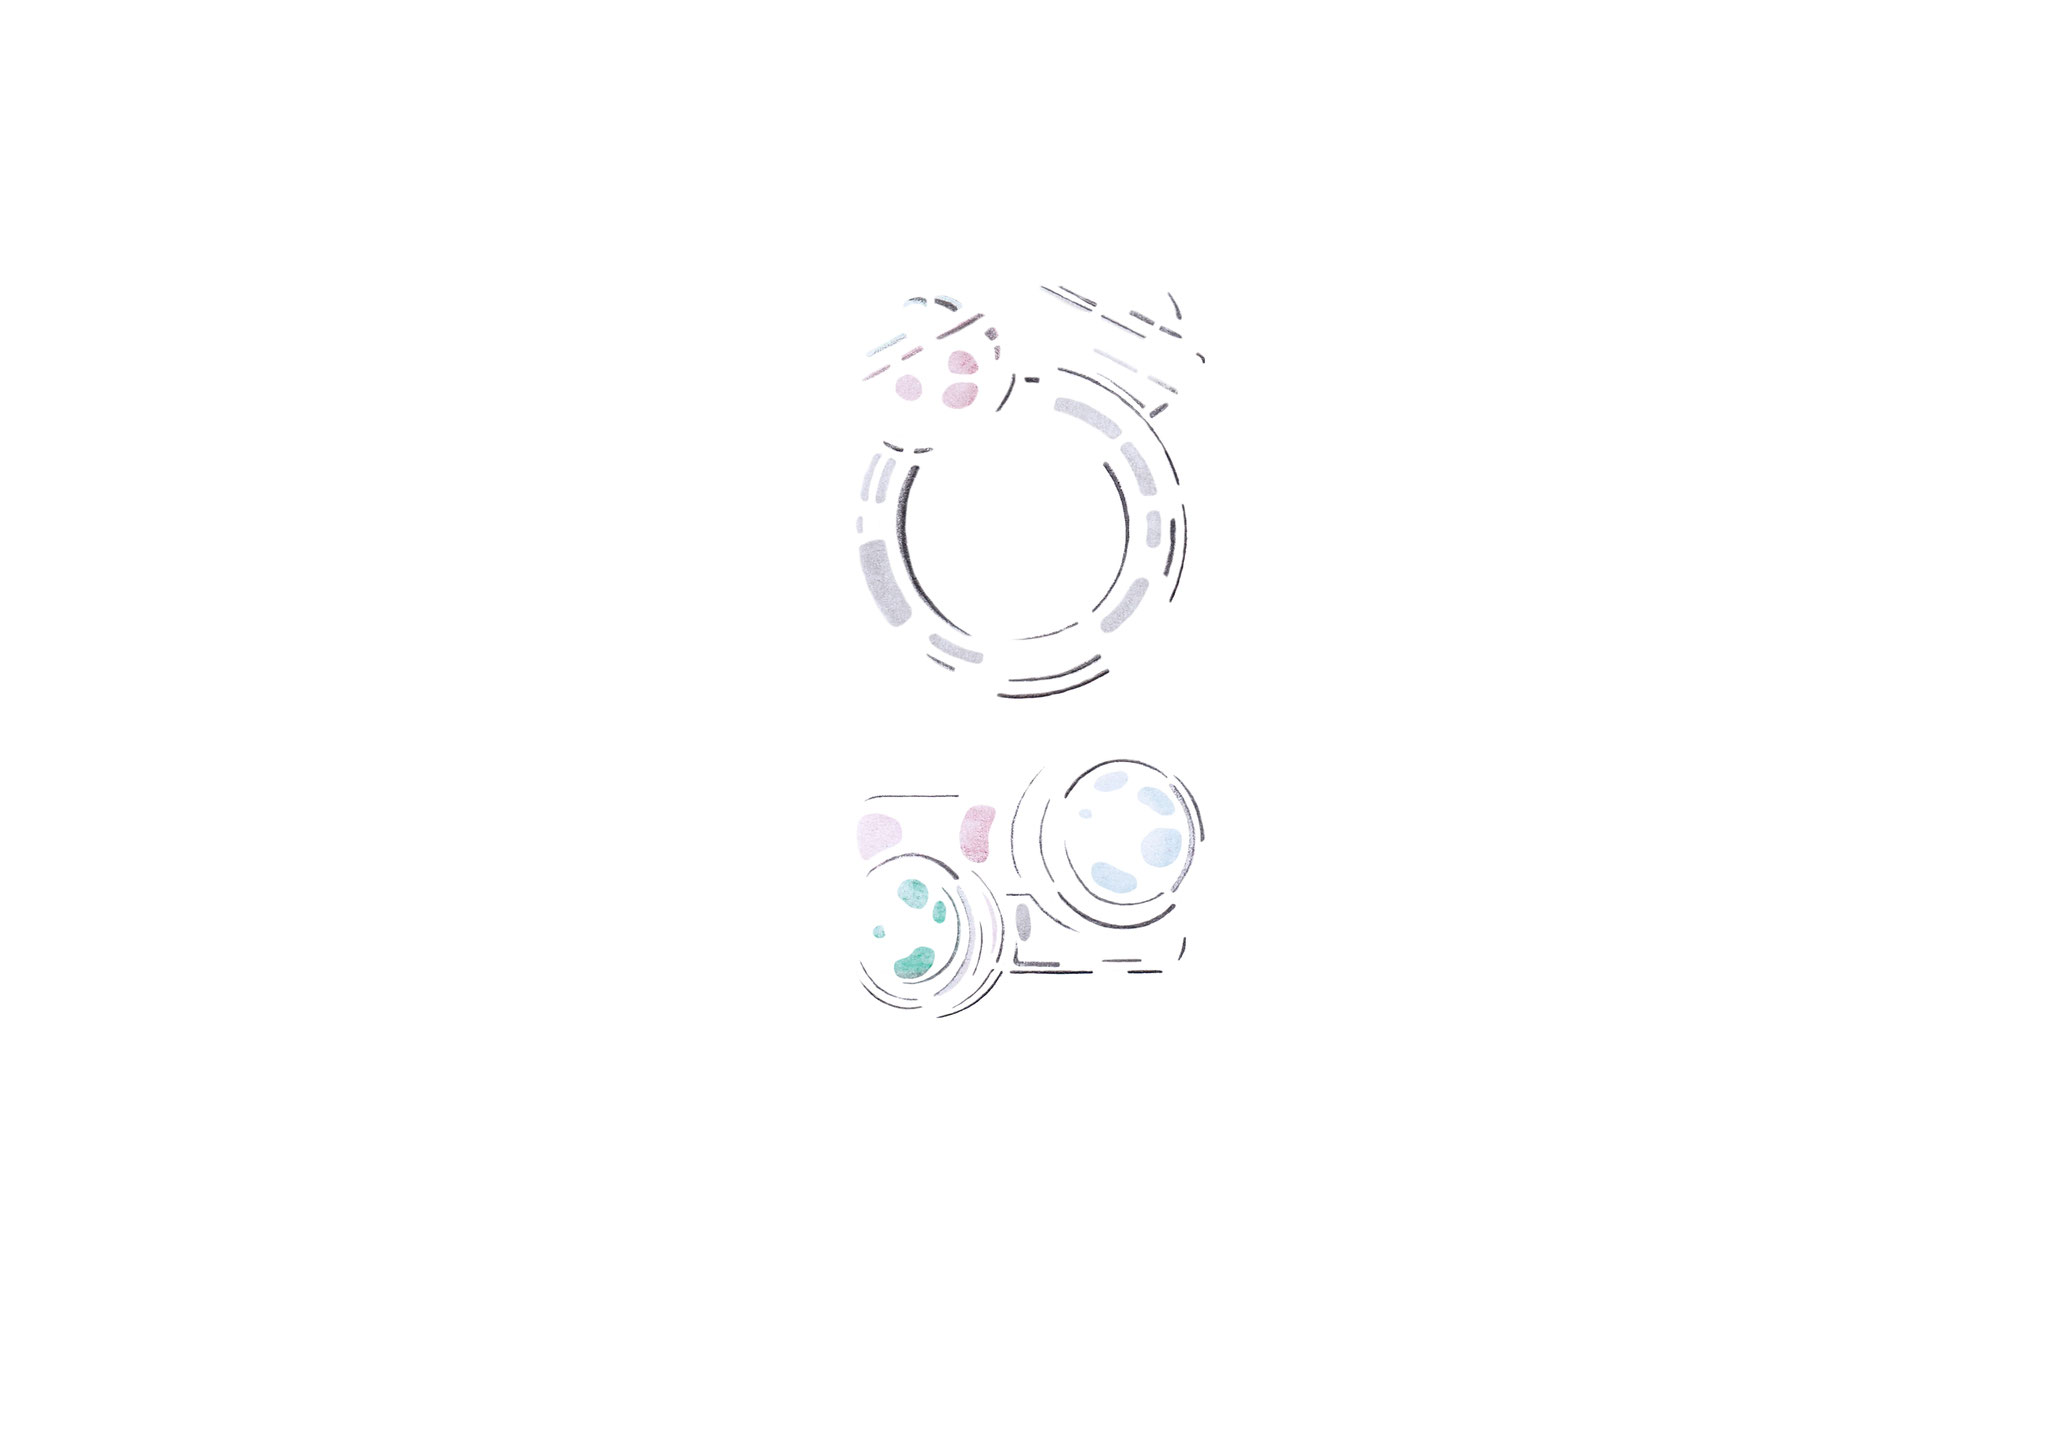 Verfolgen Sie wie unsere neue Schmucklinie Kugelkollektion entsteht  -  Skizze Nr. 4 / 14